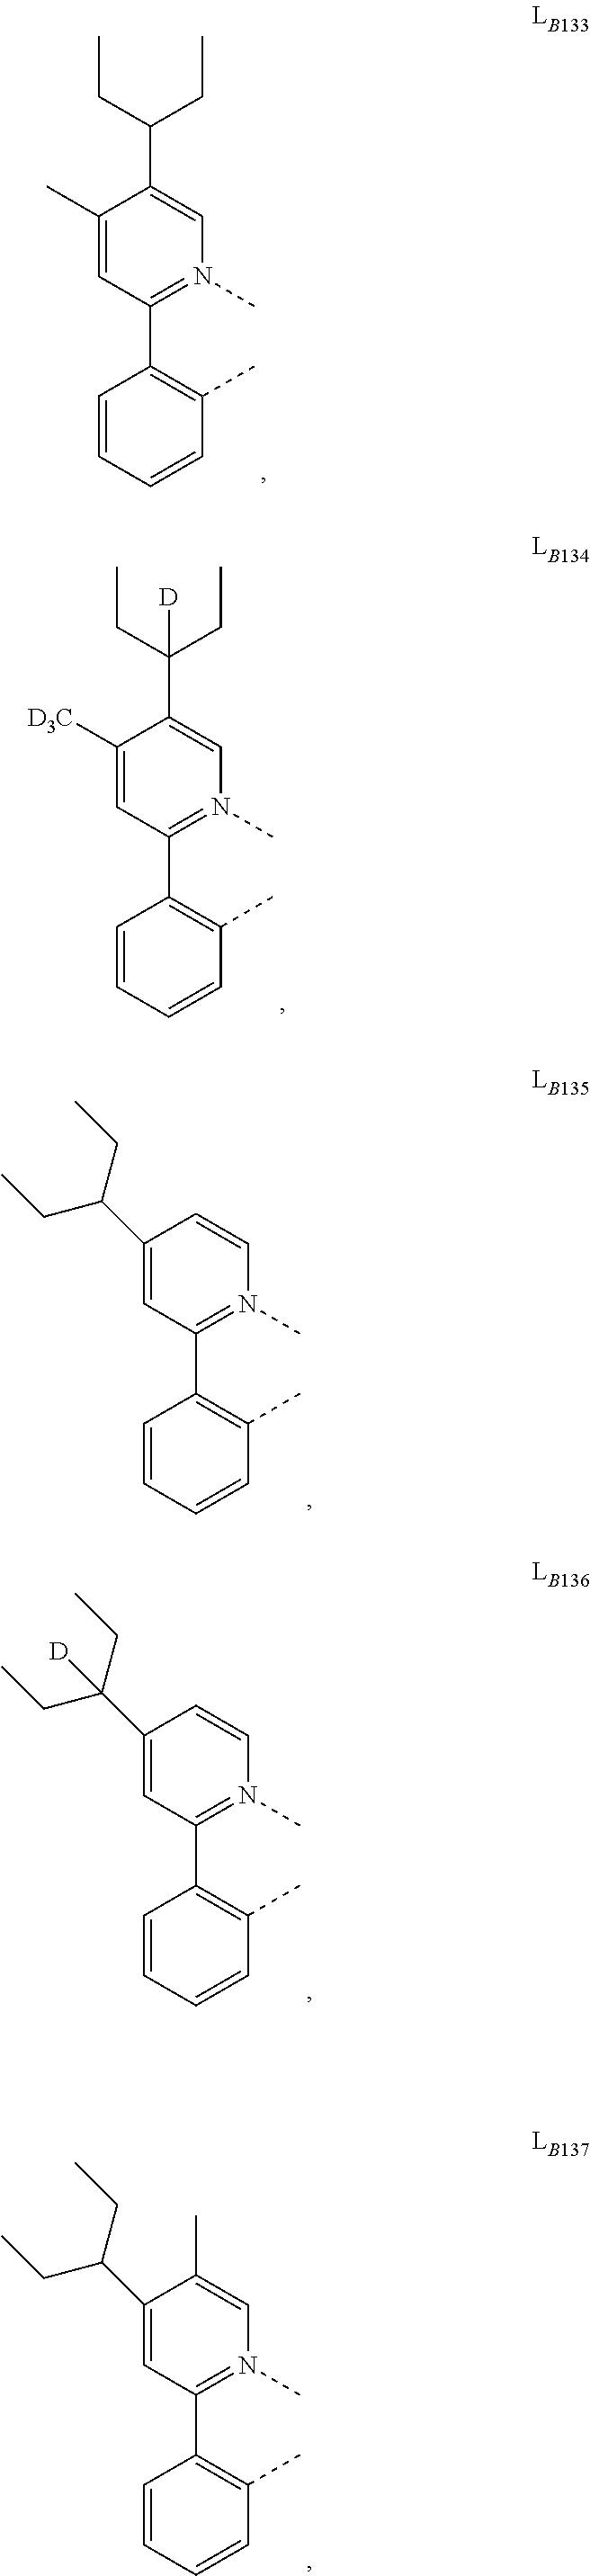 Figure US20160049599A1-20160218-C00140